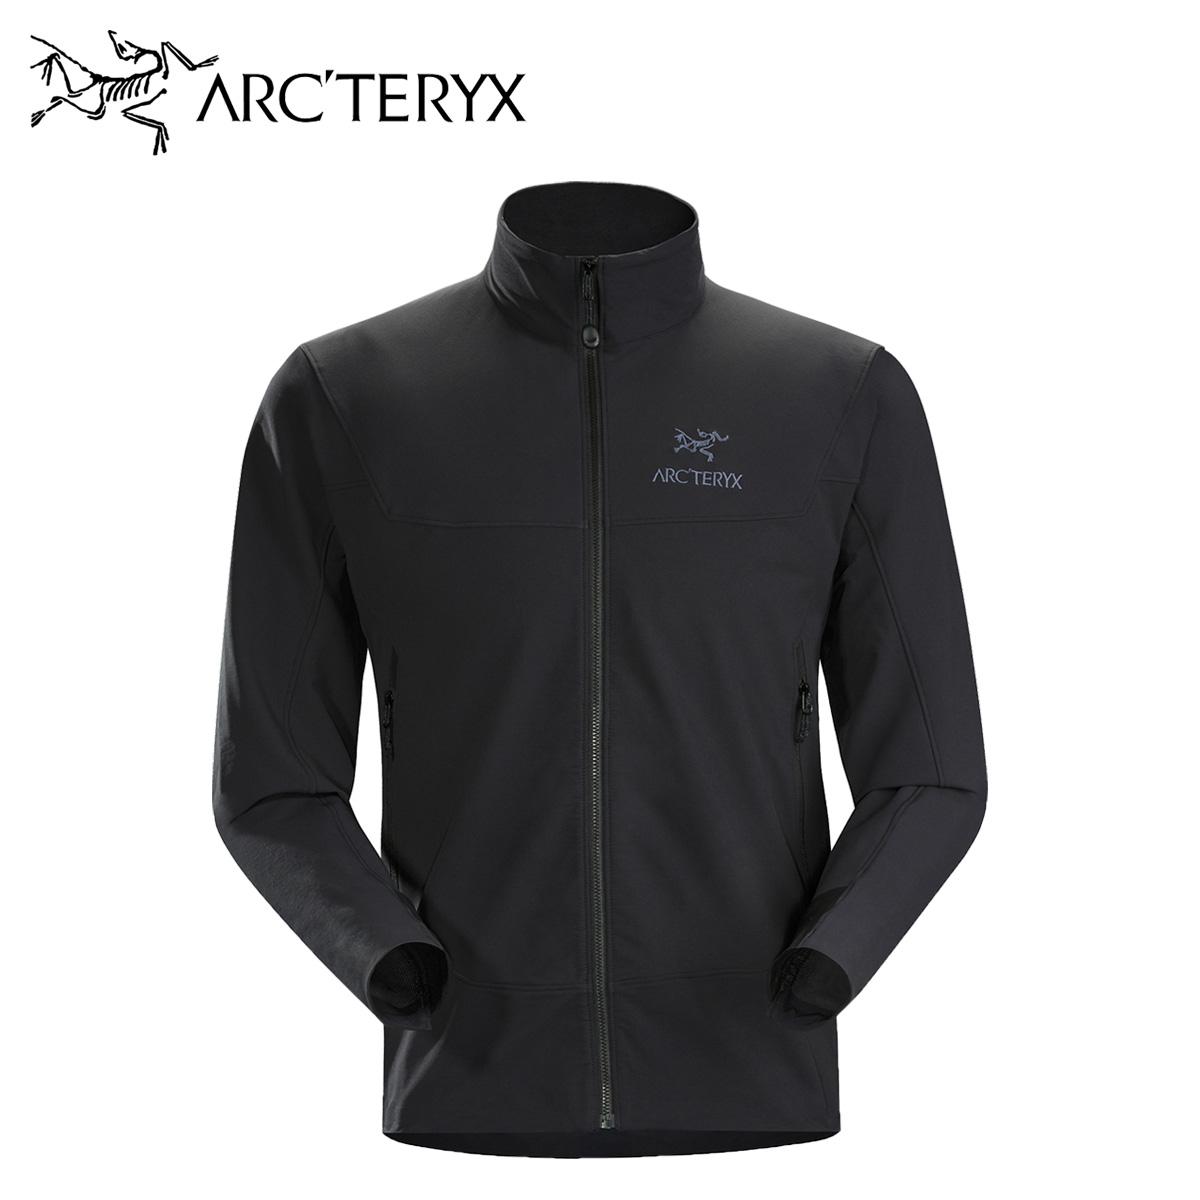 アークテリクス ARCTERYX ジャケット ガンマ メンズ GAMMA LT JACKET ブラック 黒 17308